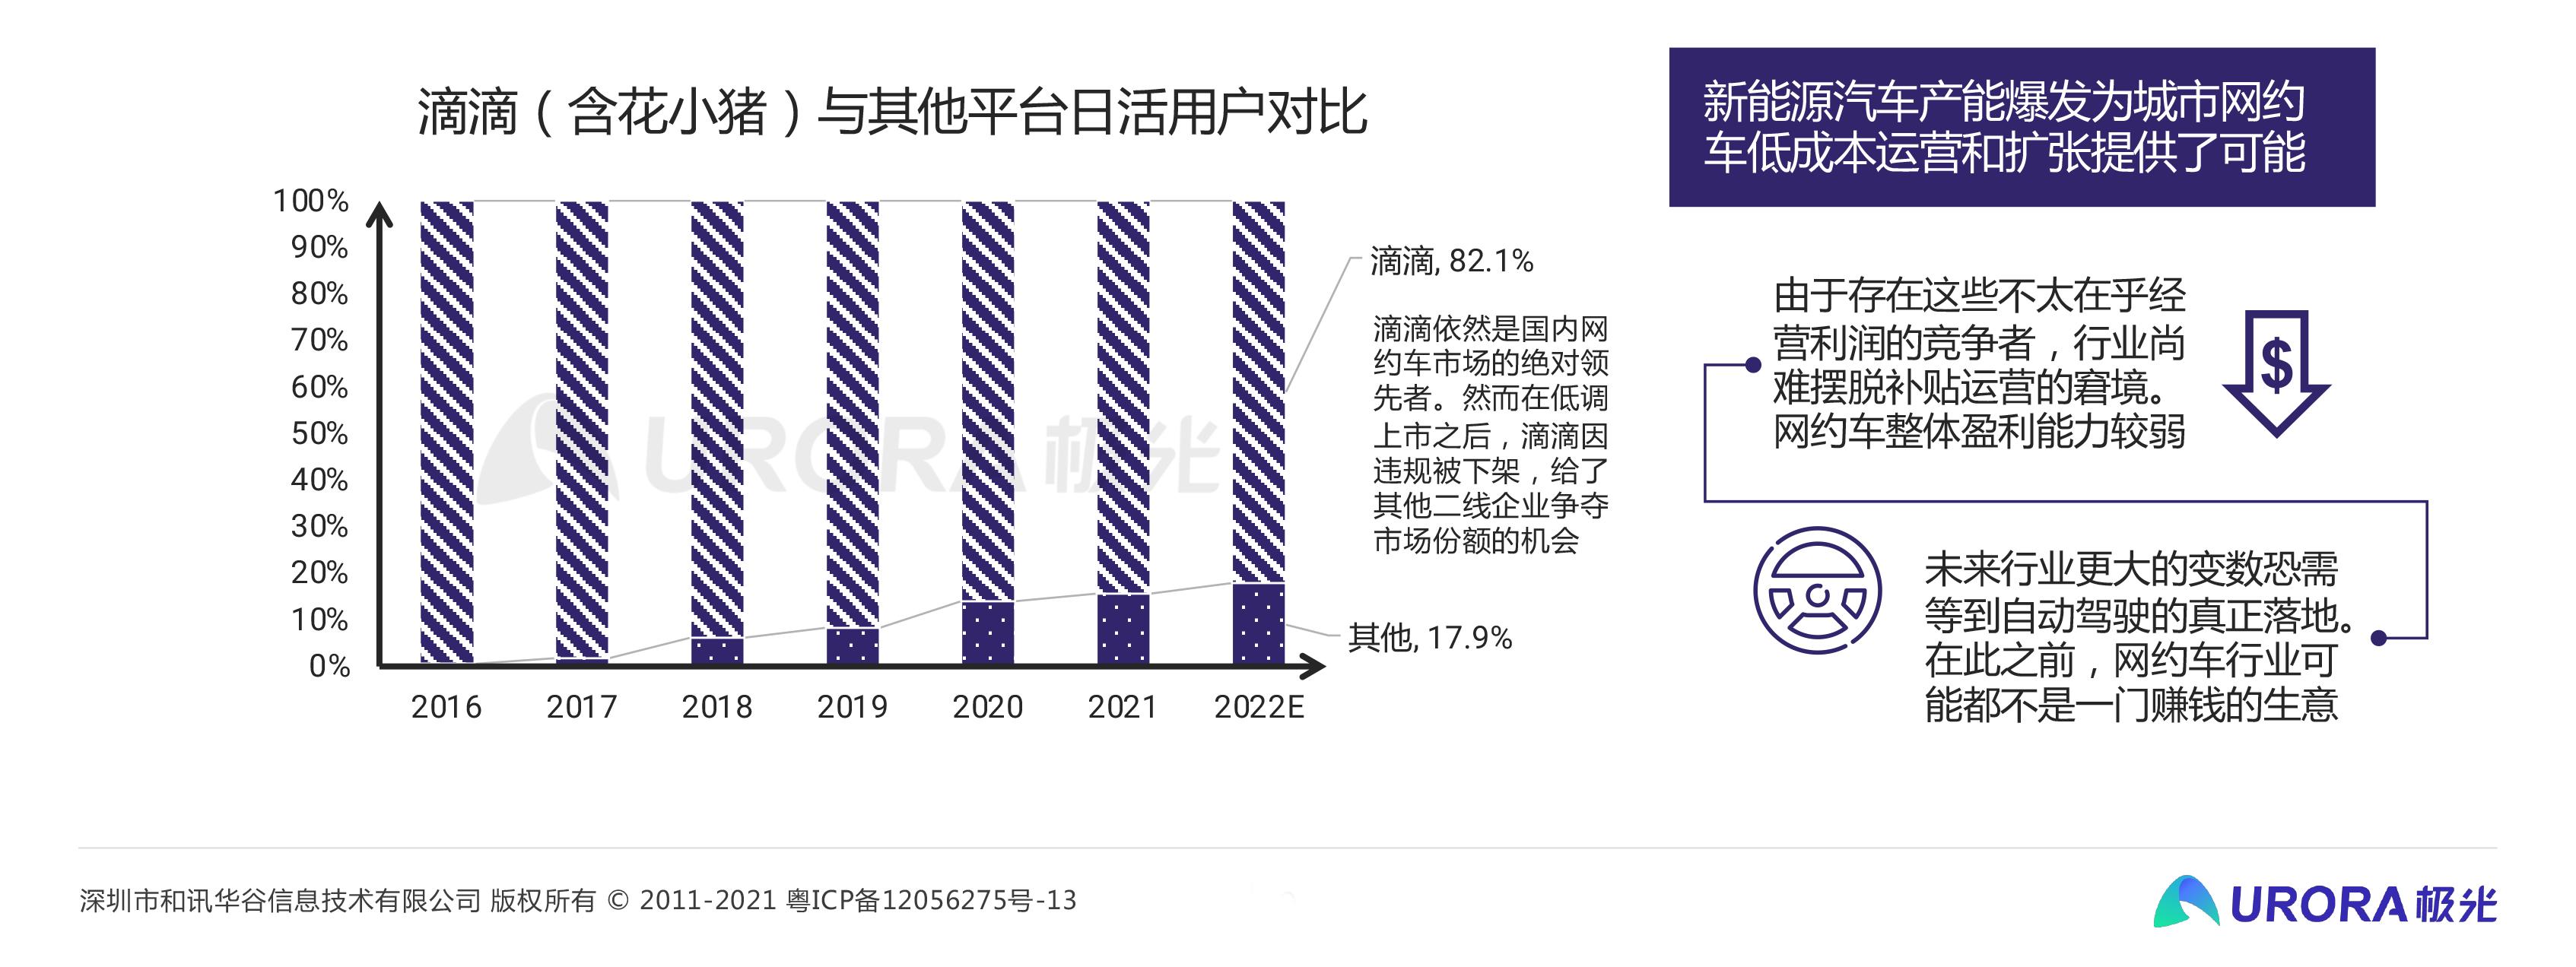 移动互联网5年回顾与展望0730定稿-9.png